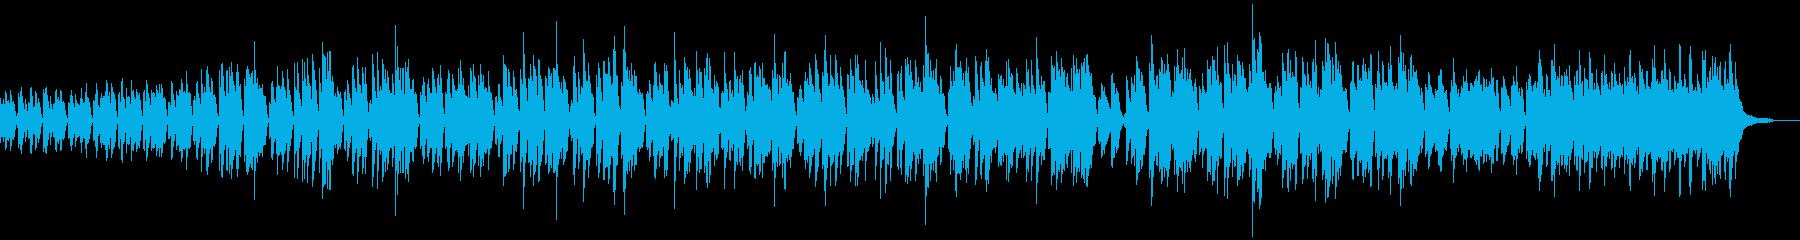 ピアノと木琴のミニマルミュージック/芸術の再生済みの波形